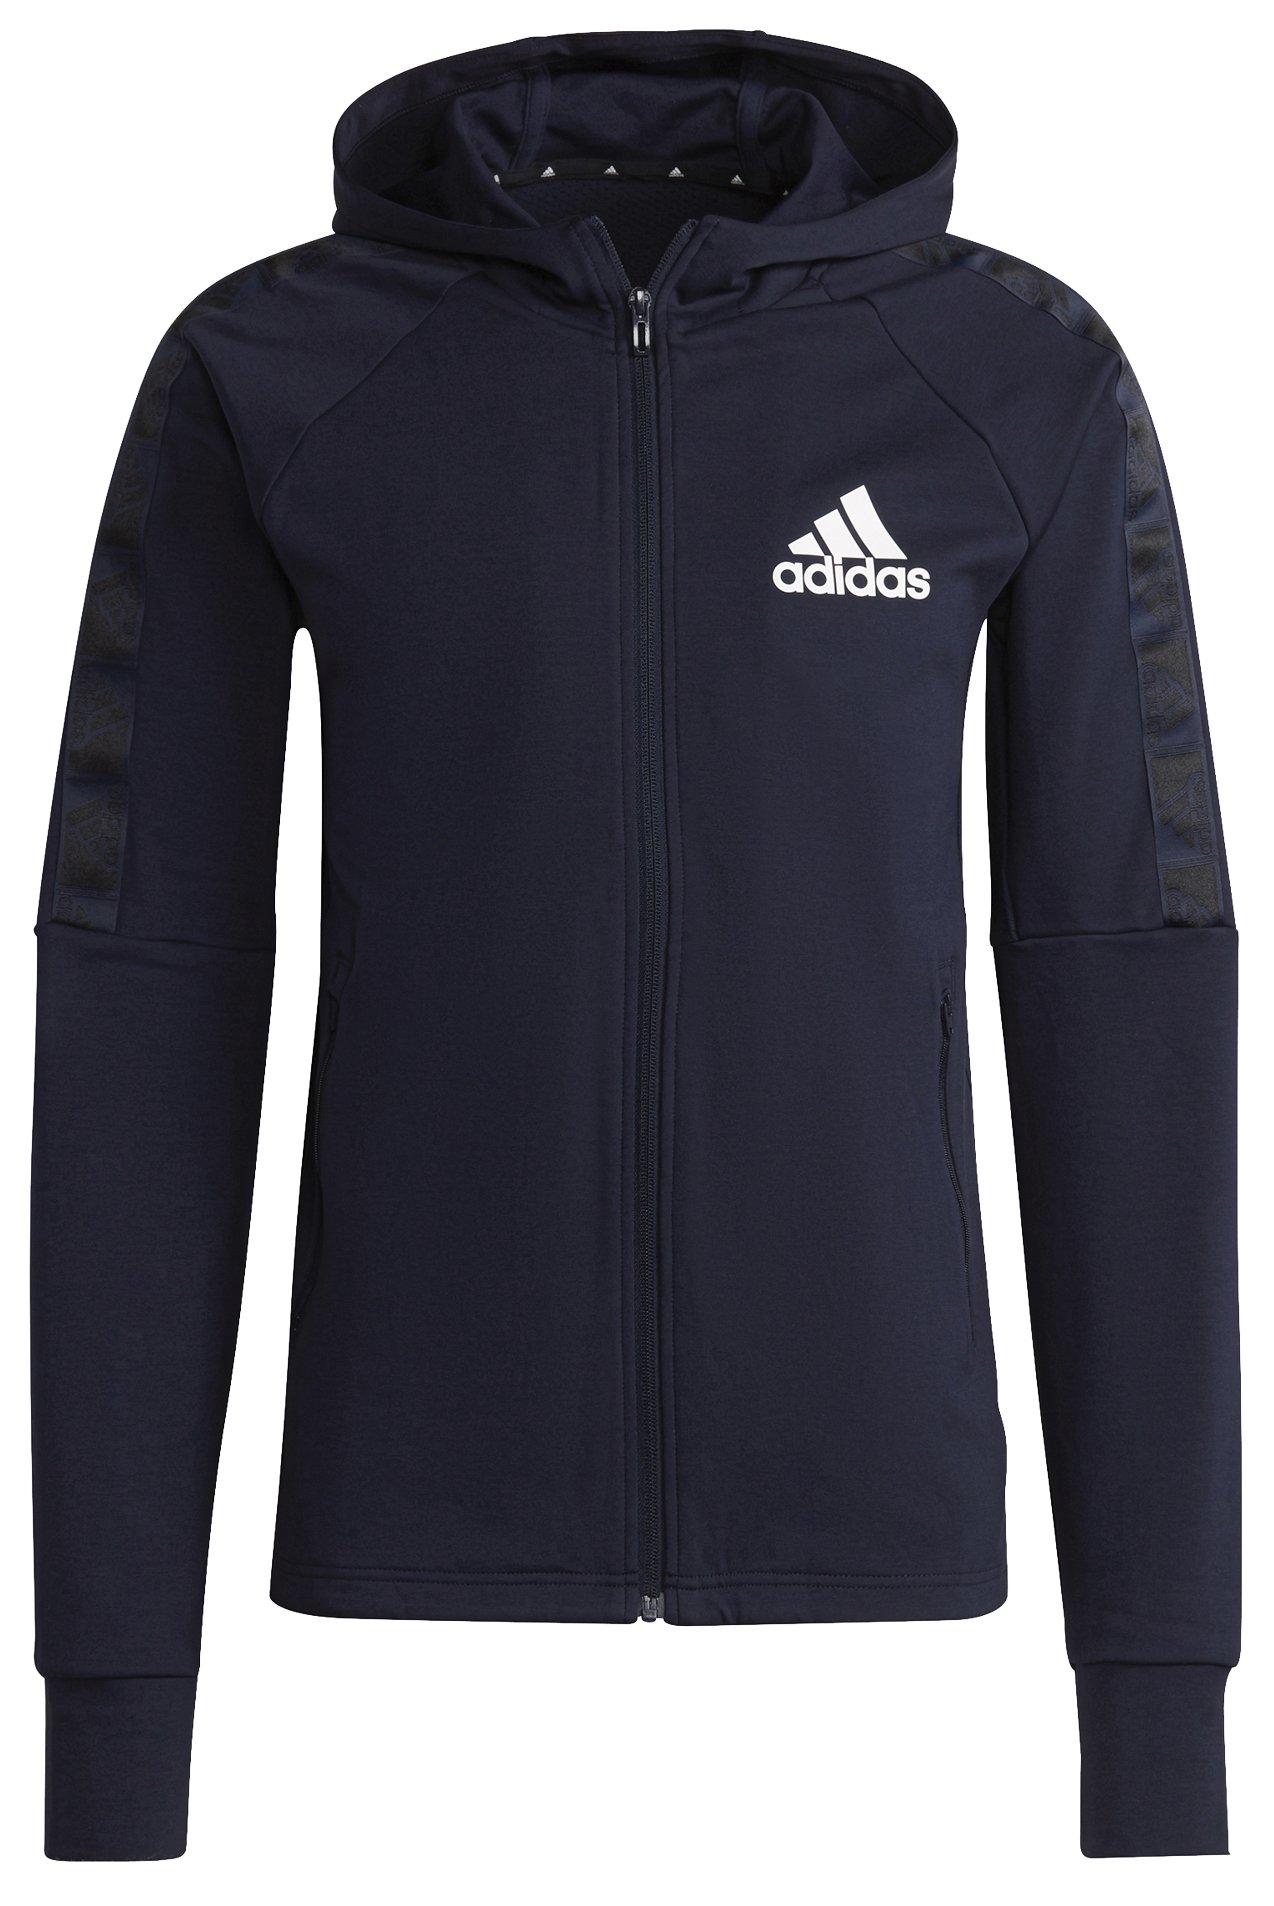 Adidas Aeroready S